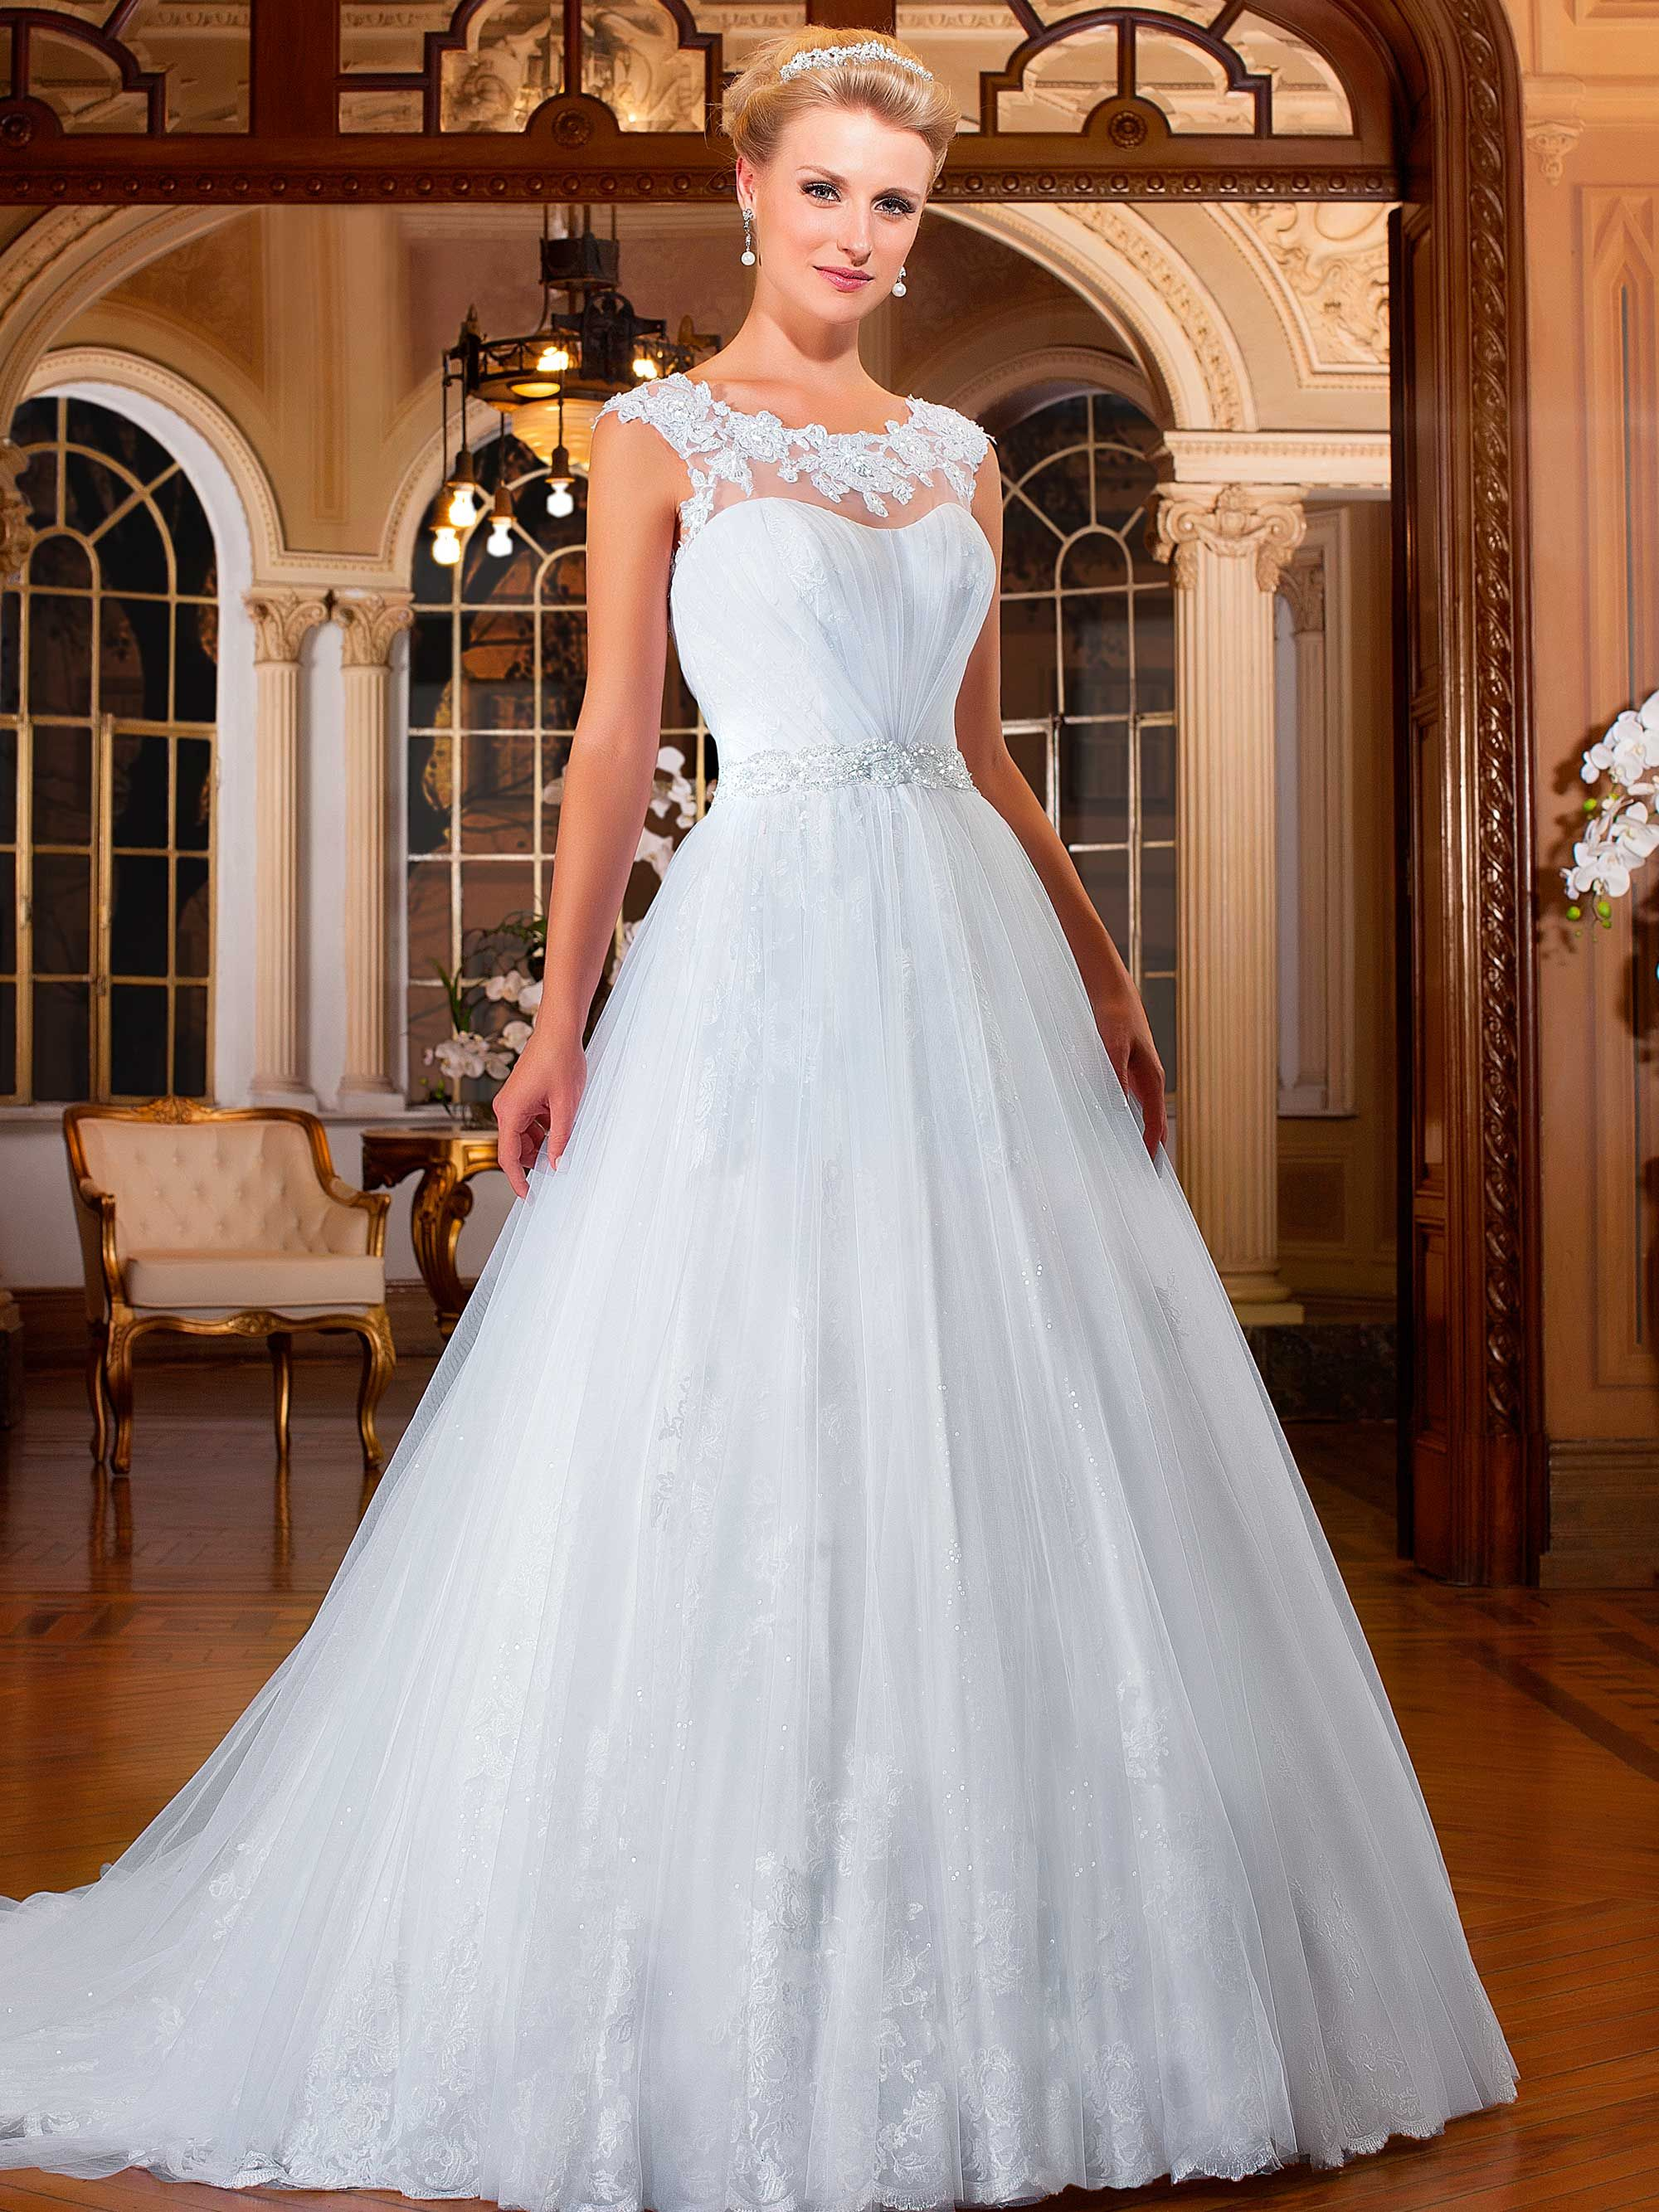 Vestidos de noiva - Coleção Gardênia | Novias | Pinterest